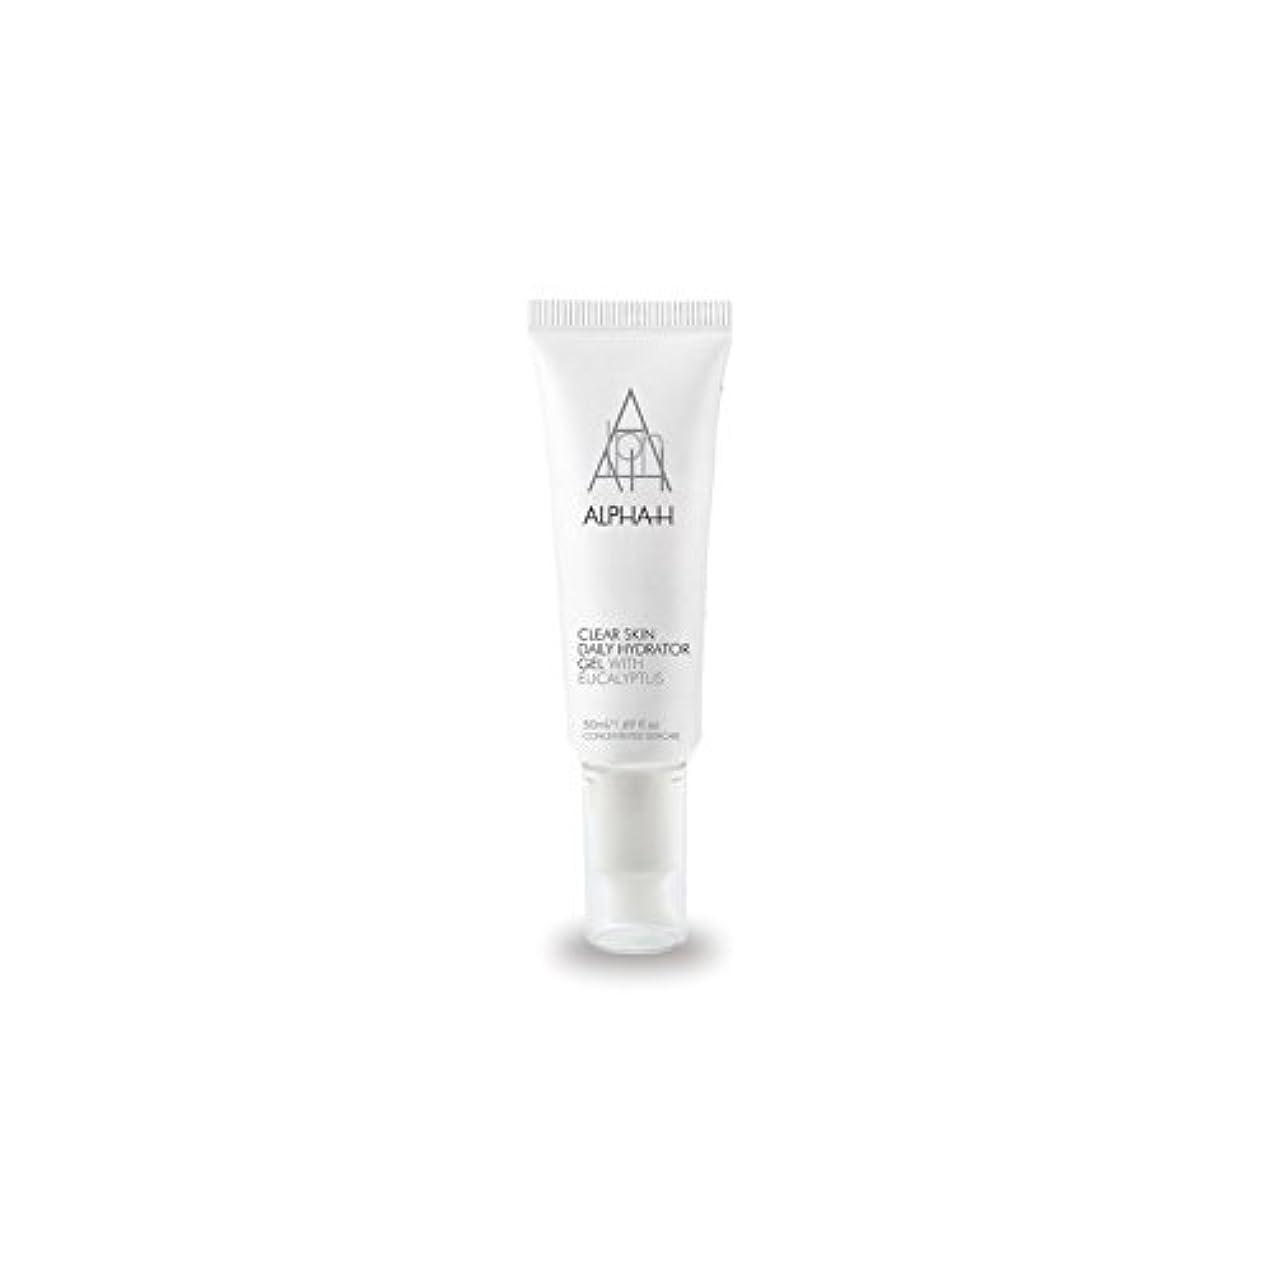 Alpha-H Clear Skin Daily Hydrator Gel (50ml) - アルファクリア皮膚毎日ハイドレーターゲル(50)中 [並行輸入品]